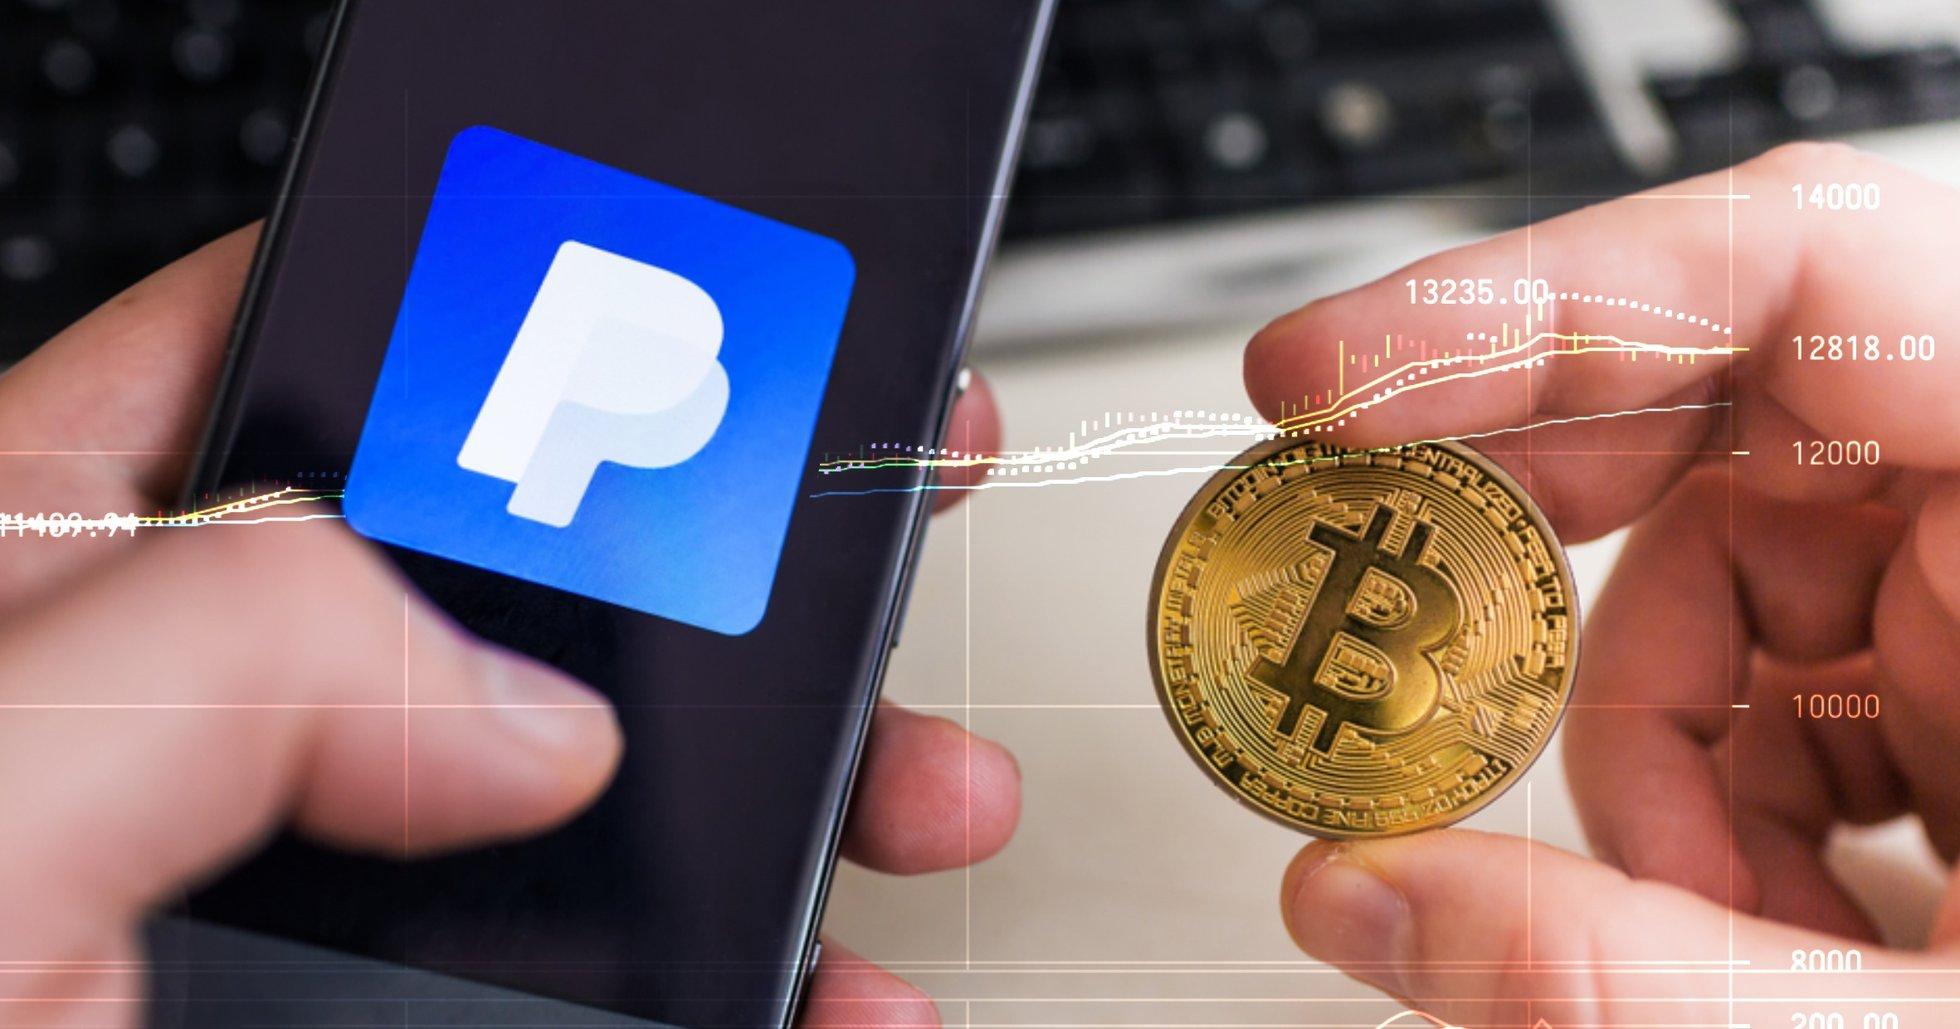 Bitcoinpriset gick över 13 000 dollar – efter att Paypal avslöjade kryptolansering